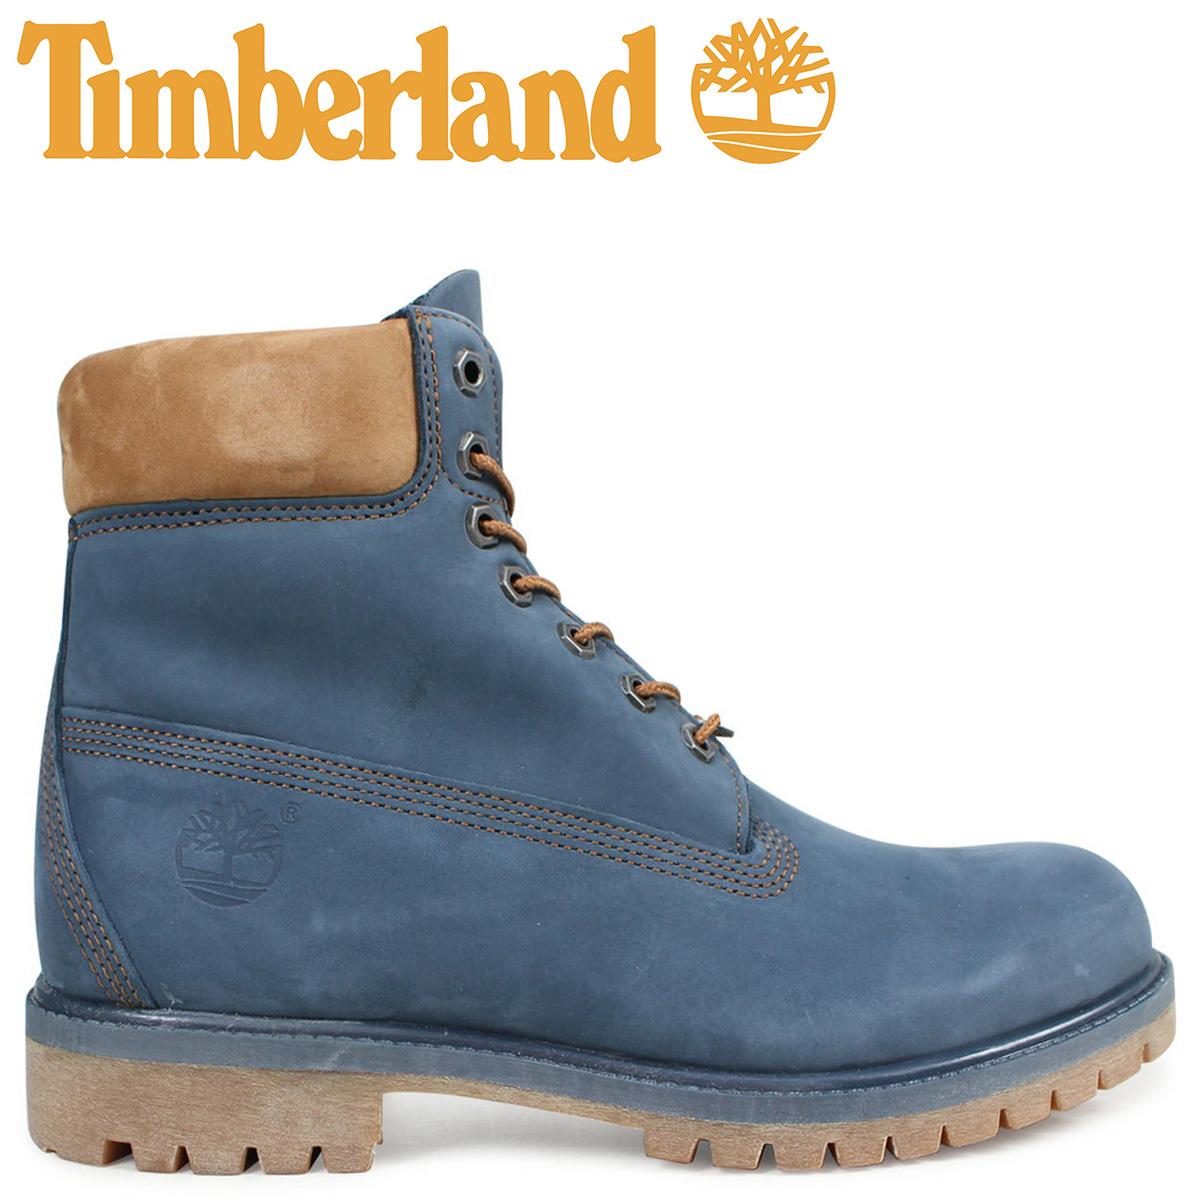 Timberland ブーツ メンズ 6インチ ティンバーランド 6INCH PREMIUM BOOT A1LU4 Wワイズ プレミアム 防水 ネイビー